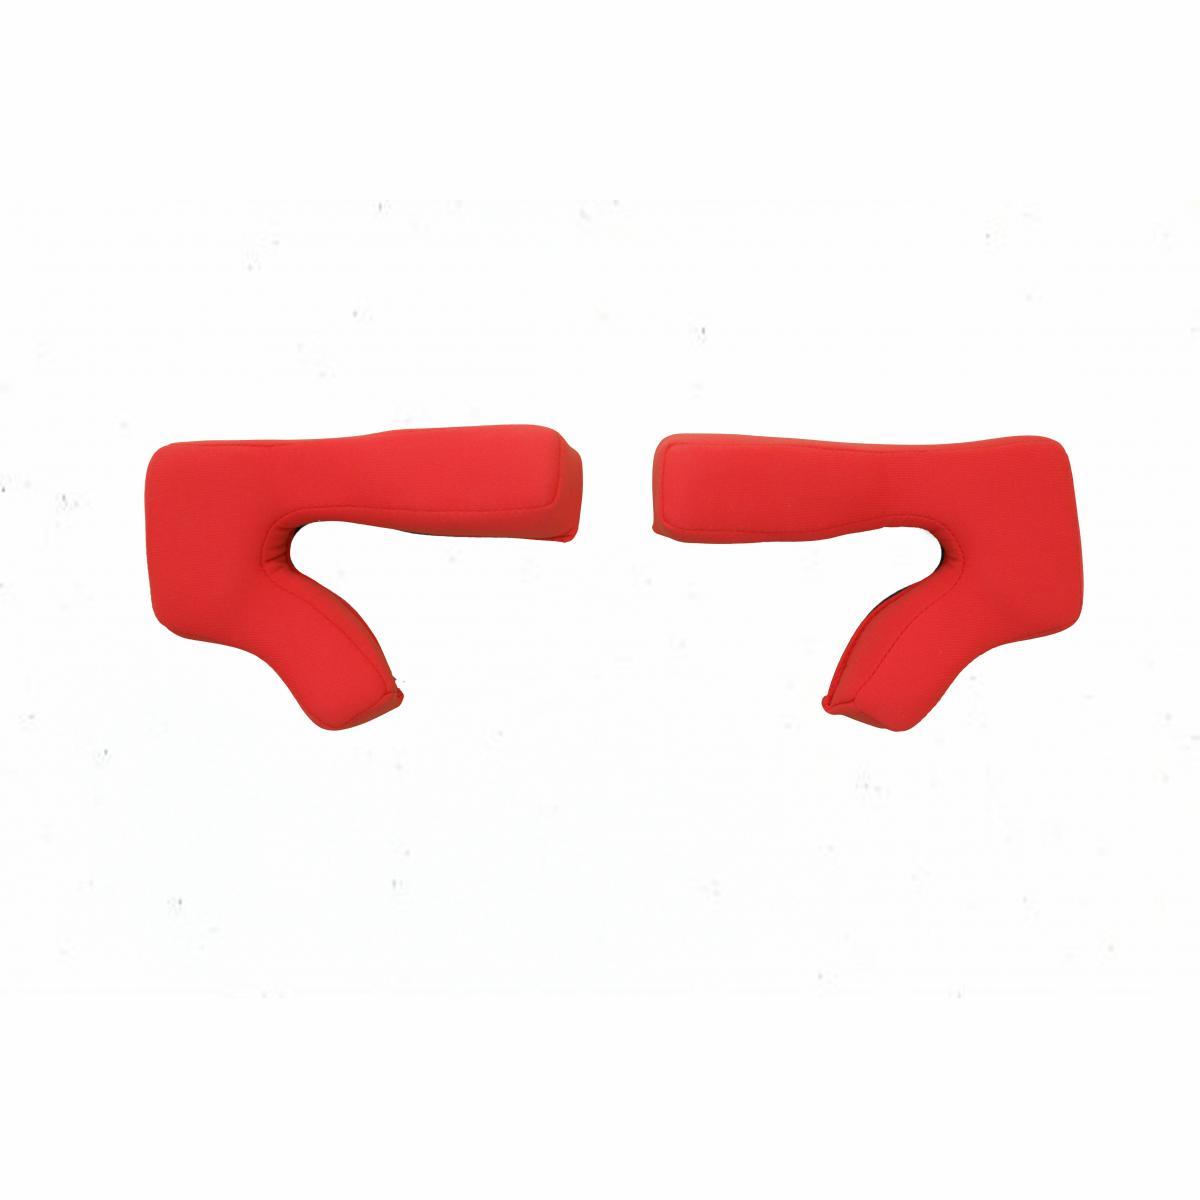 Bell - Kindpuder til M5X/M4R rød